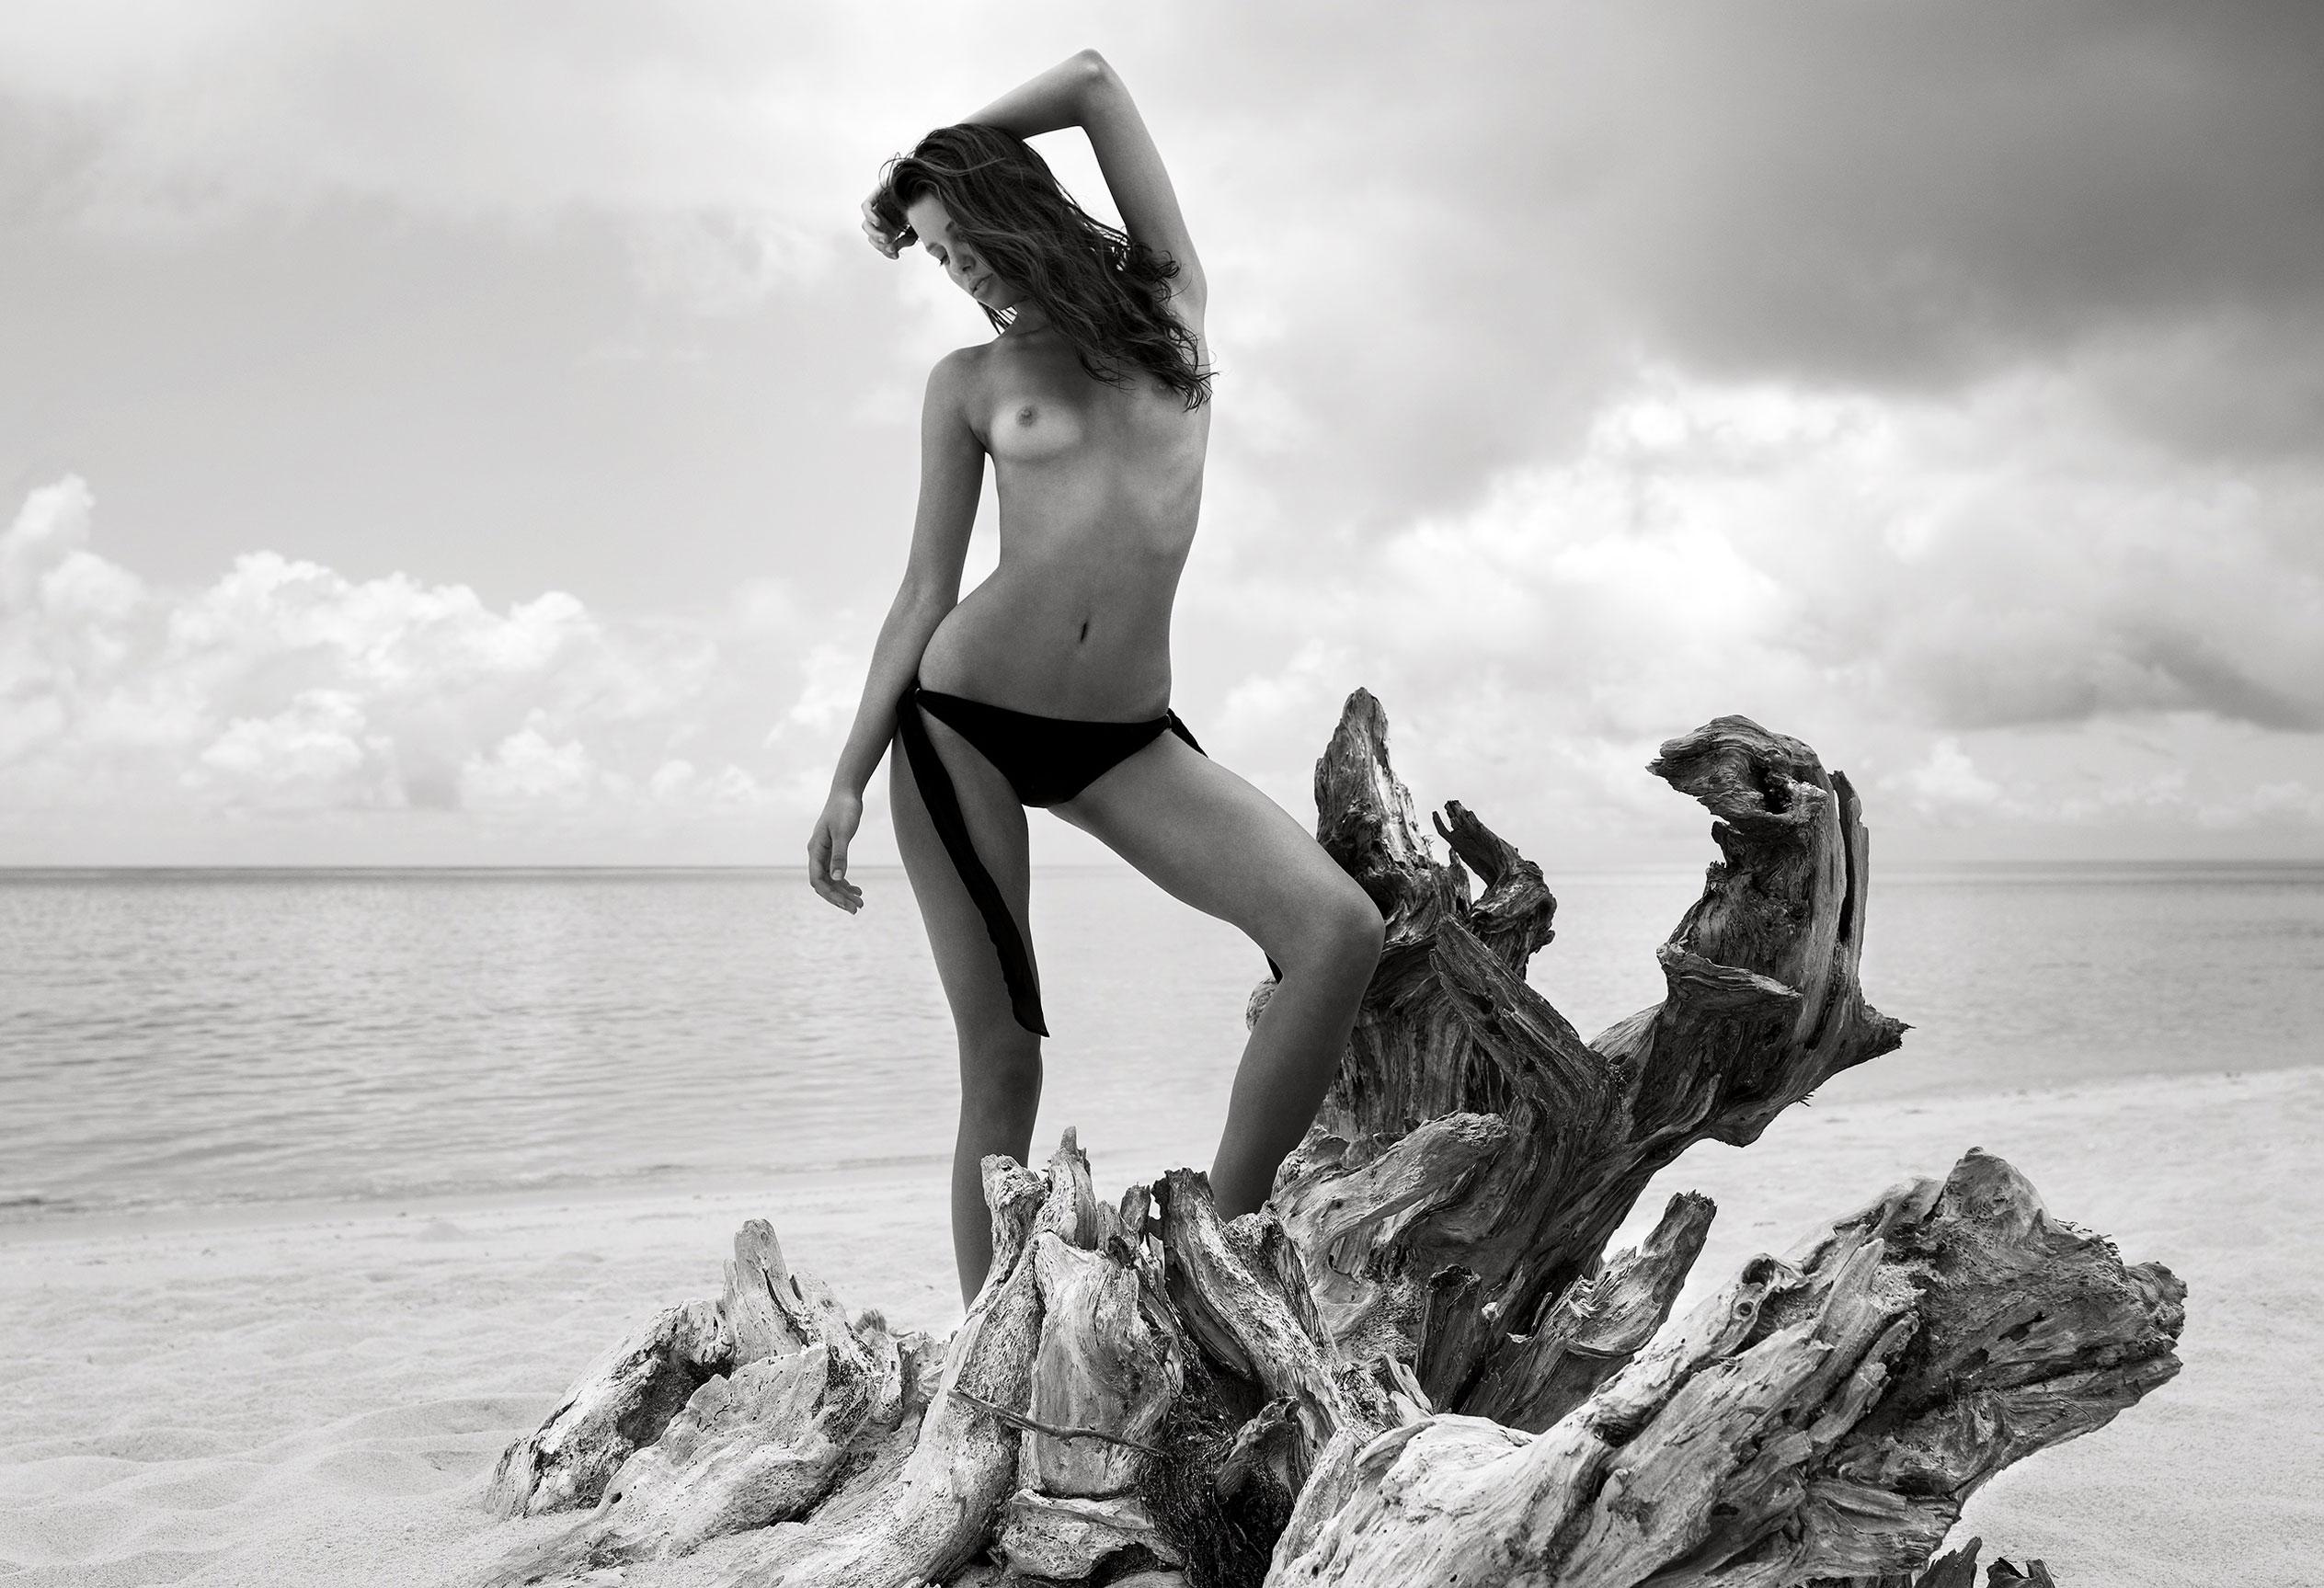 эротический календарь 12 чудес природы / Австралия 2013 / фото 10